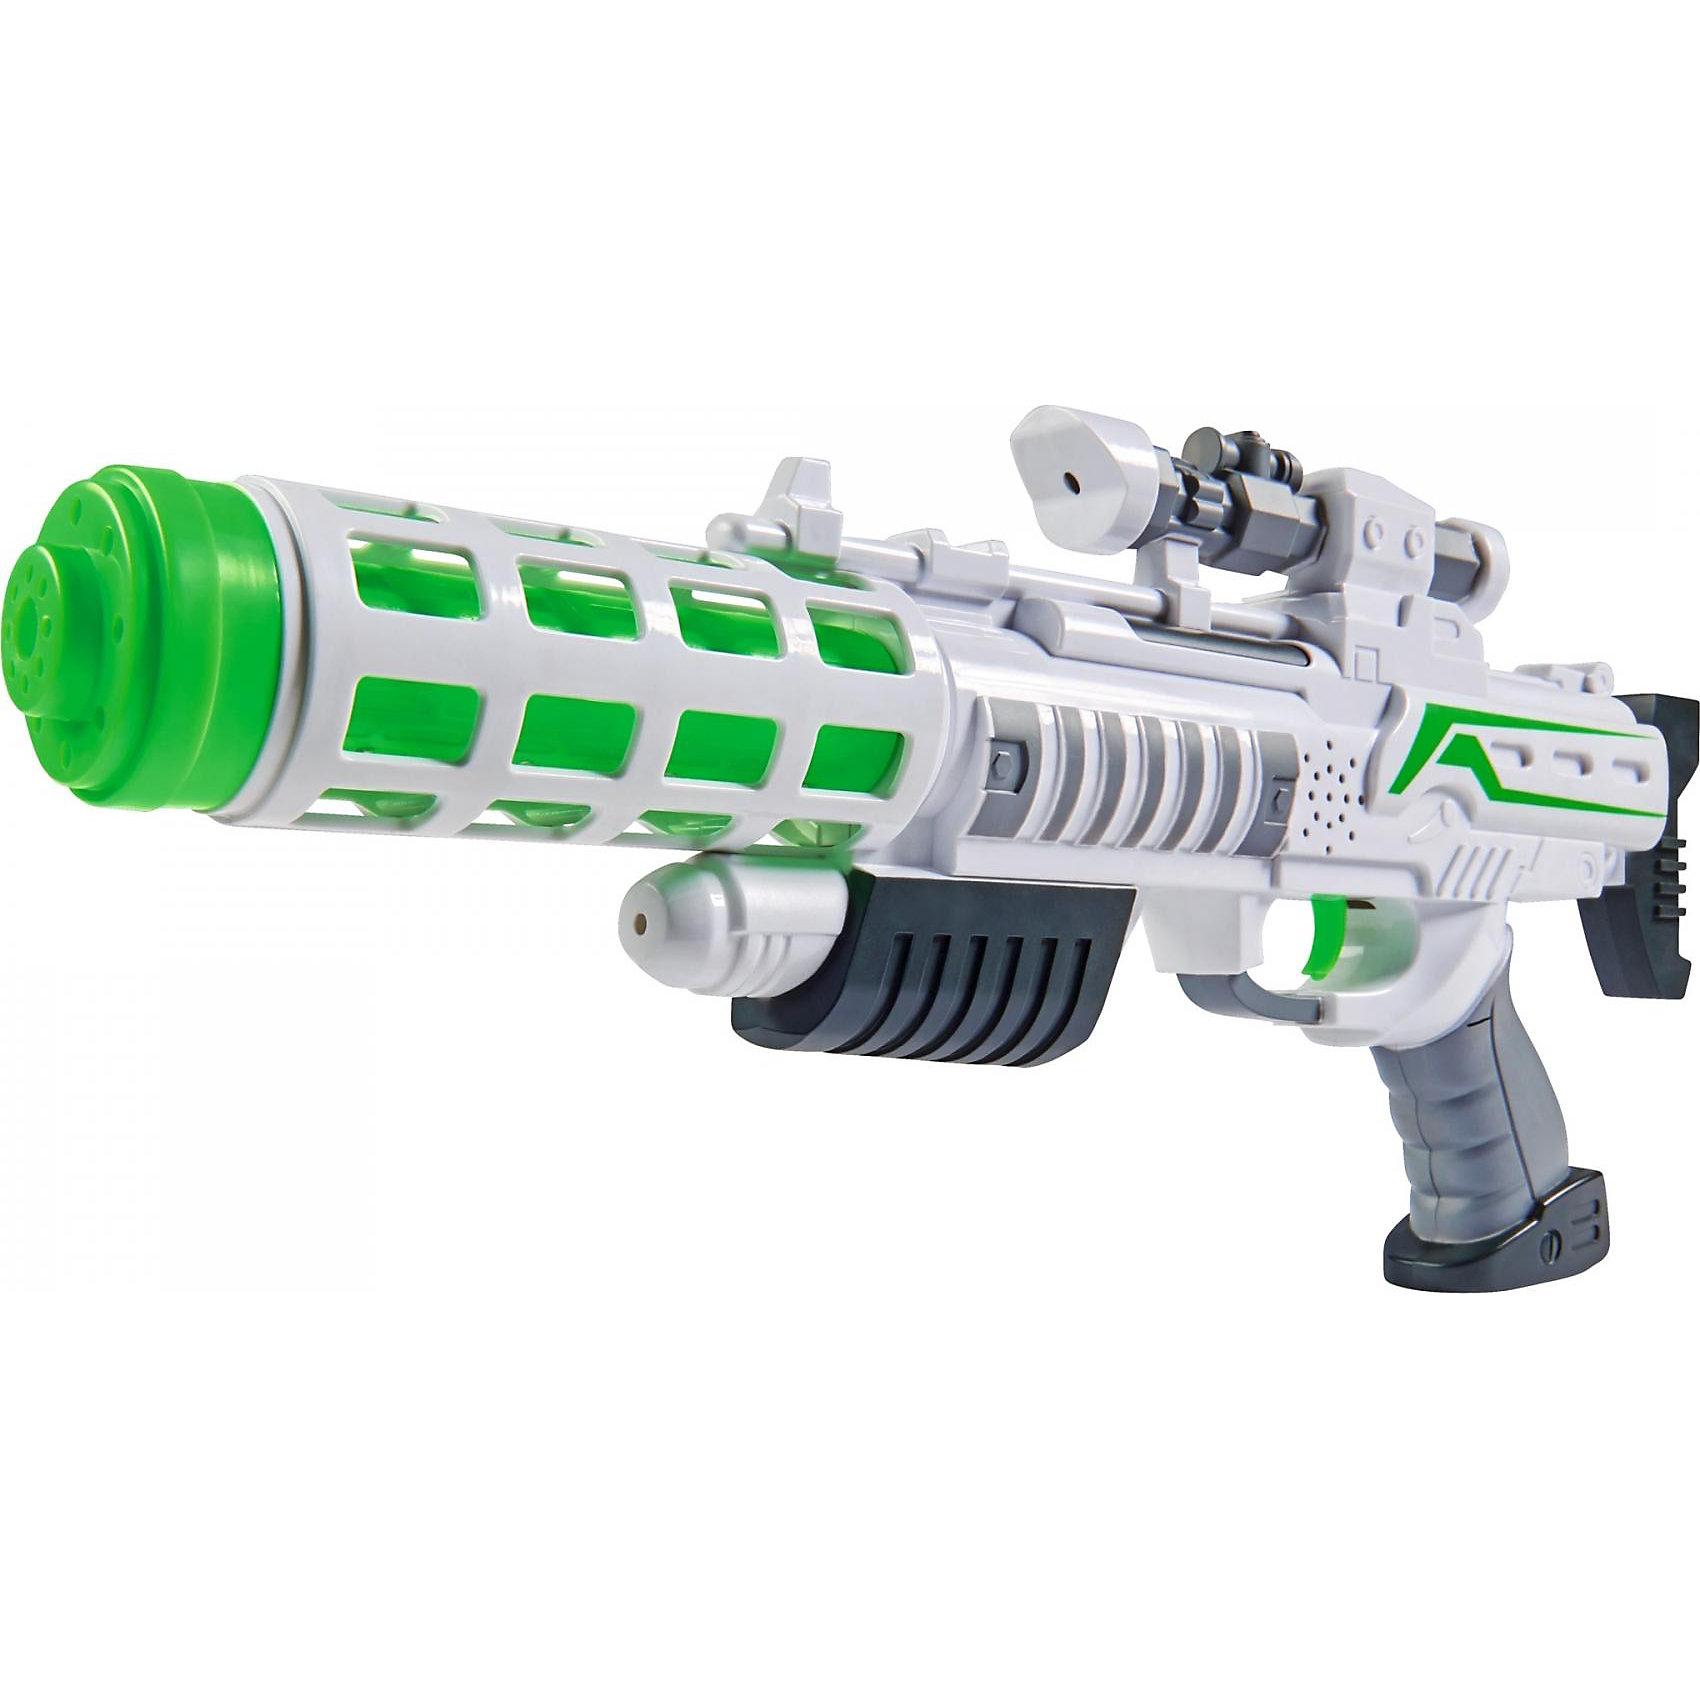 Световой бластер, свет, SimbaБластеры, пистолеты и прочее<br>Характеристики:<br><br>• длина бластера: 44 см;<br>• особенности игрушечного оружия: световые и звуковые эффекты;<br>• батарейки входят в комплект набора: 2 шт. типа АА;<br>• размер упаковки: 48х22х6 см;<br>• вес: 581 г.<br><br>Игрушечное оружие для игры в войнушки выполнено из безопасных материалов. Световой бластер с прицелом издает звуки настоящих выстрелов. Мальчишки играют в солдат, армию, становятся сильнее и выносливее. <br><br>Световой бластер, свет, Simba можно купить в нашем магазине.<br><br>Ширина мм: 478<br>Глубина мм: 228<br>Высота мм: 66<br>Вес г: 522<br>Возраст от месяцев: 36<br>Возраст до месяцев: 96<br>Пол: Мужской<br>Возраст: Детский<br>SKU: 2616439